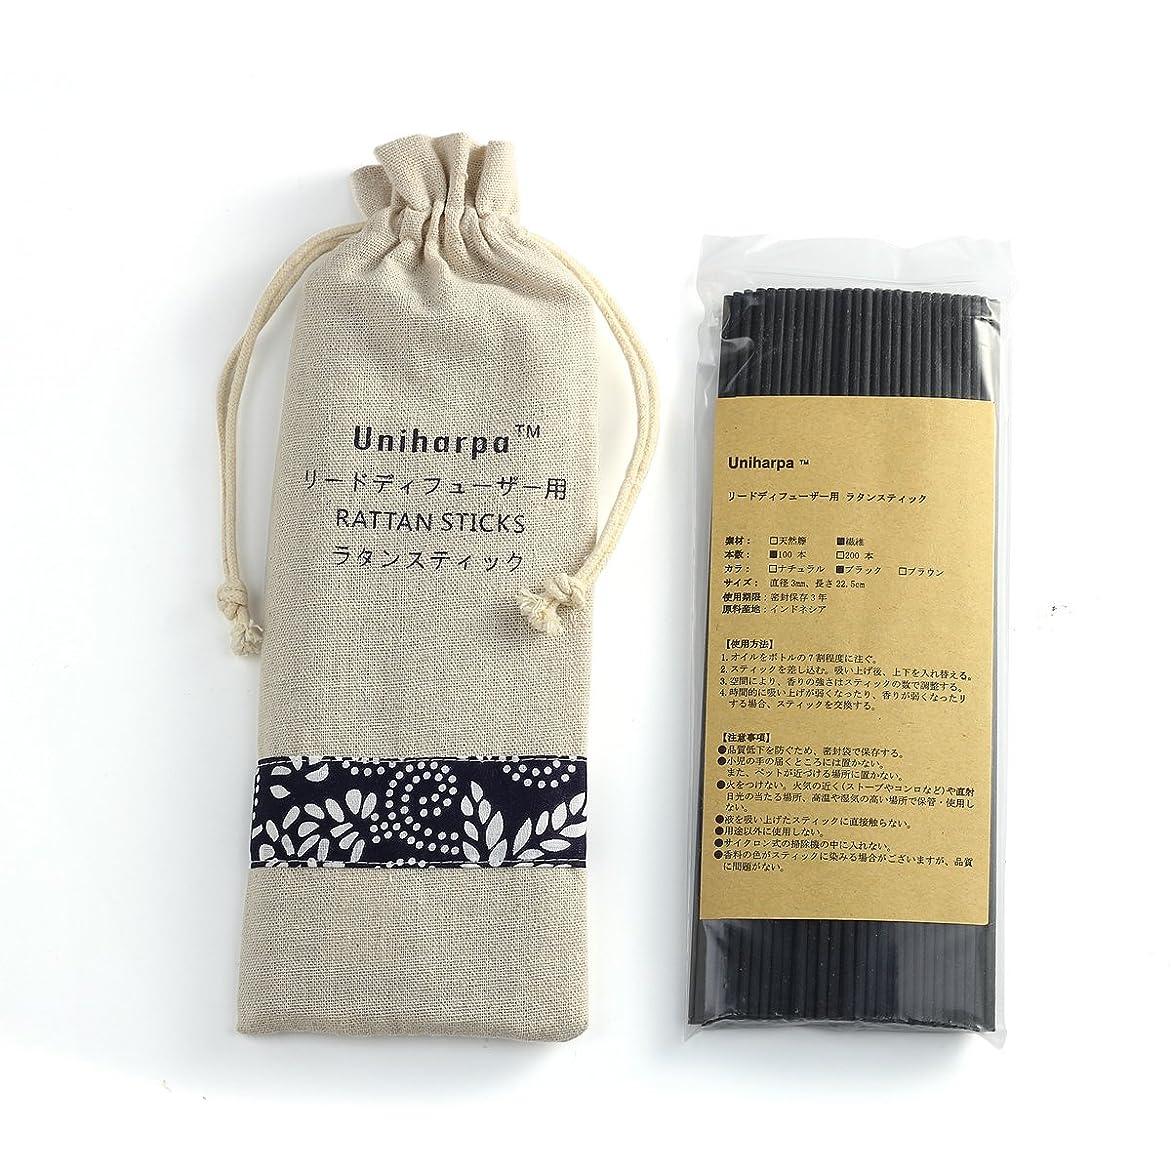 受賞レシピ仮装リードディフューザー用 ラタンスティック/リードスティック リフィル 繊維素材 22.5cm 直径3mm 100本入 乾燥剤入り オリジナル旅行専用袋付 (ブラック)